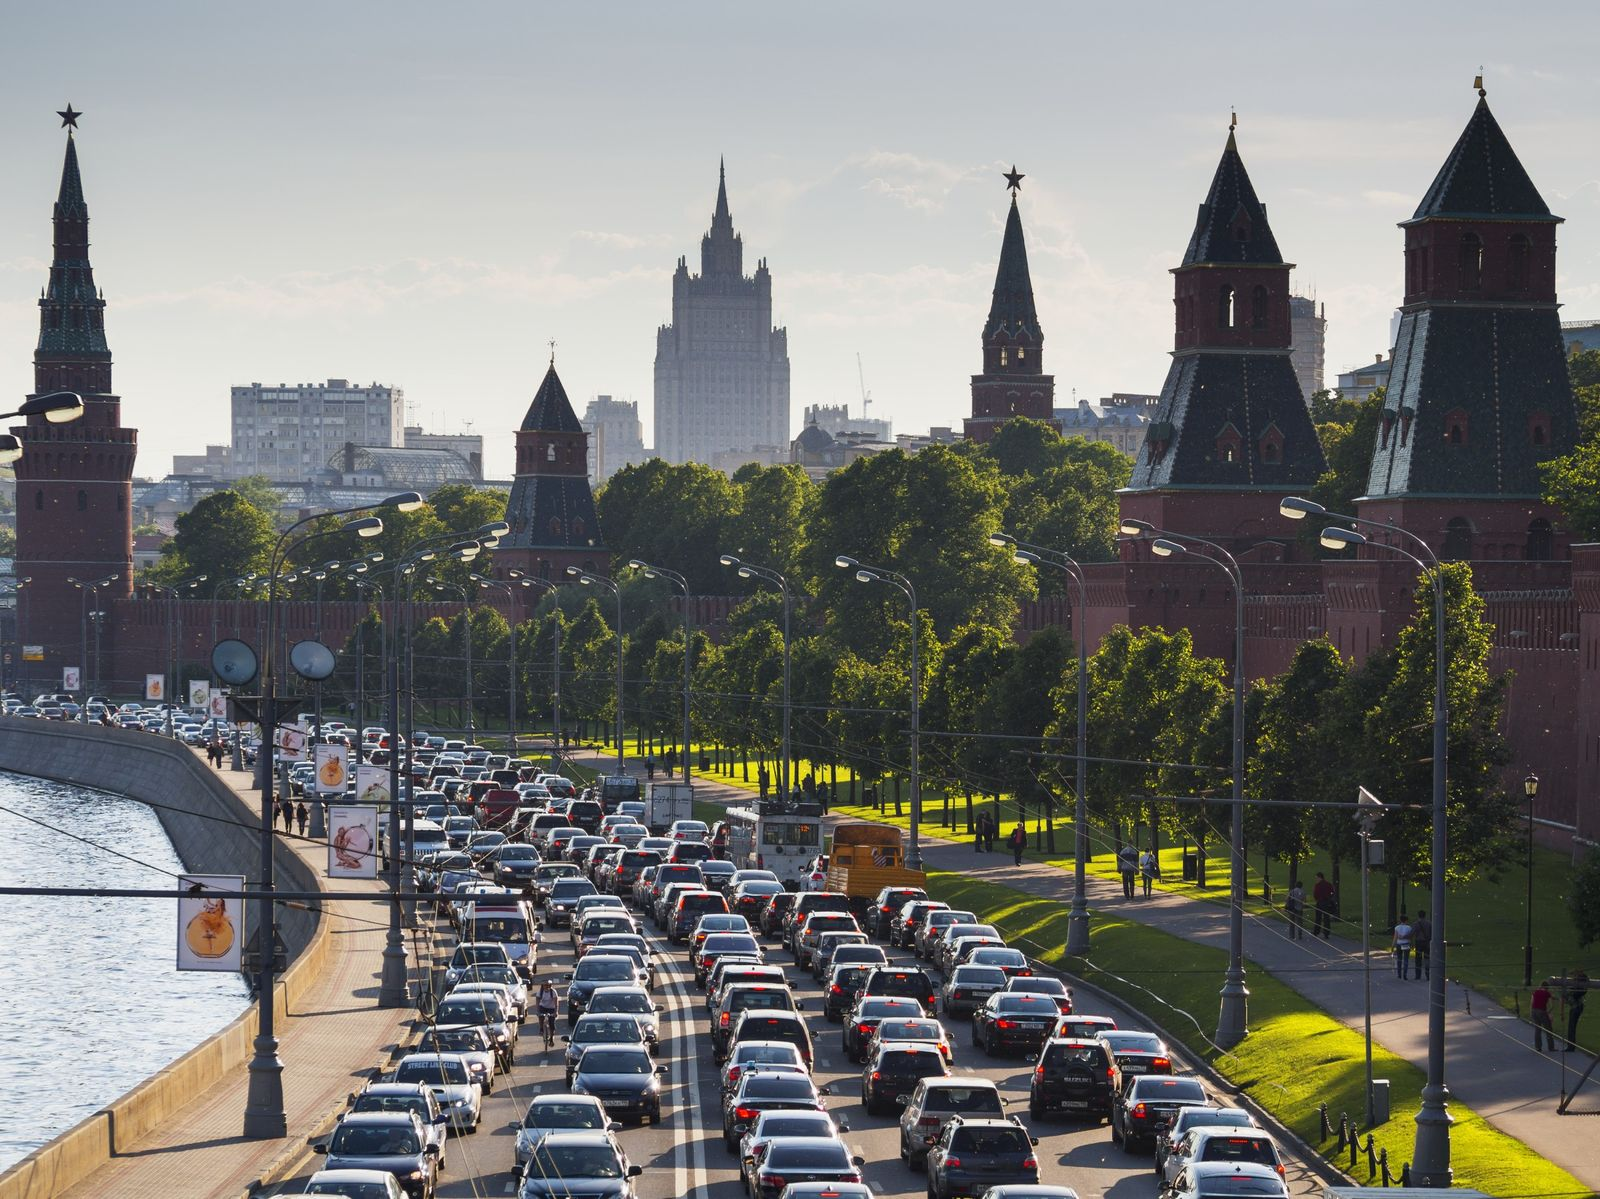 NICHT MEHR VERWENDEN! - Russland/ Moskau/ Kreml